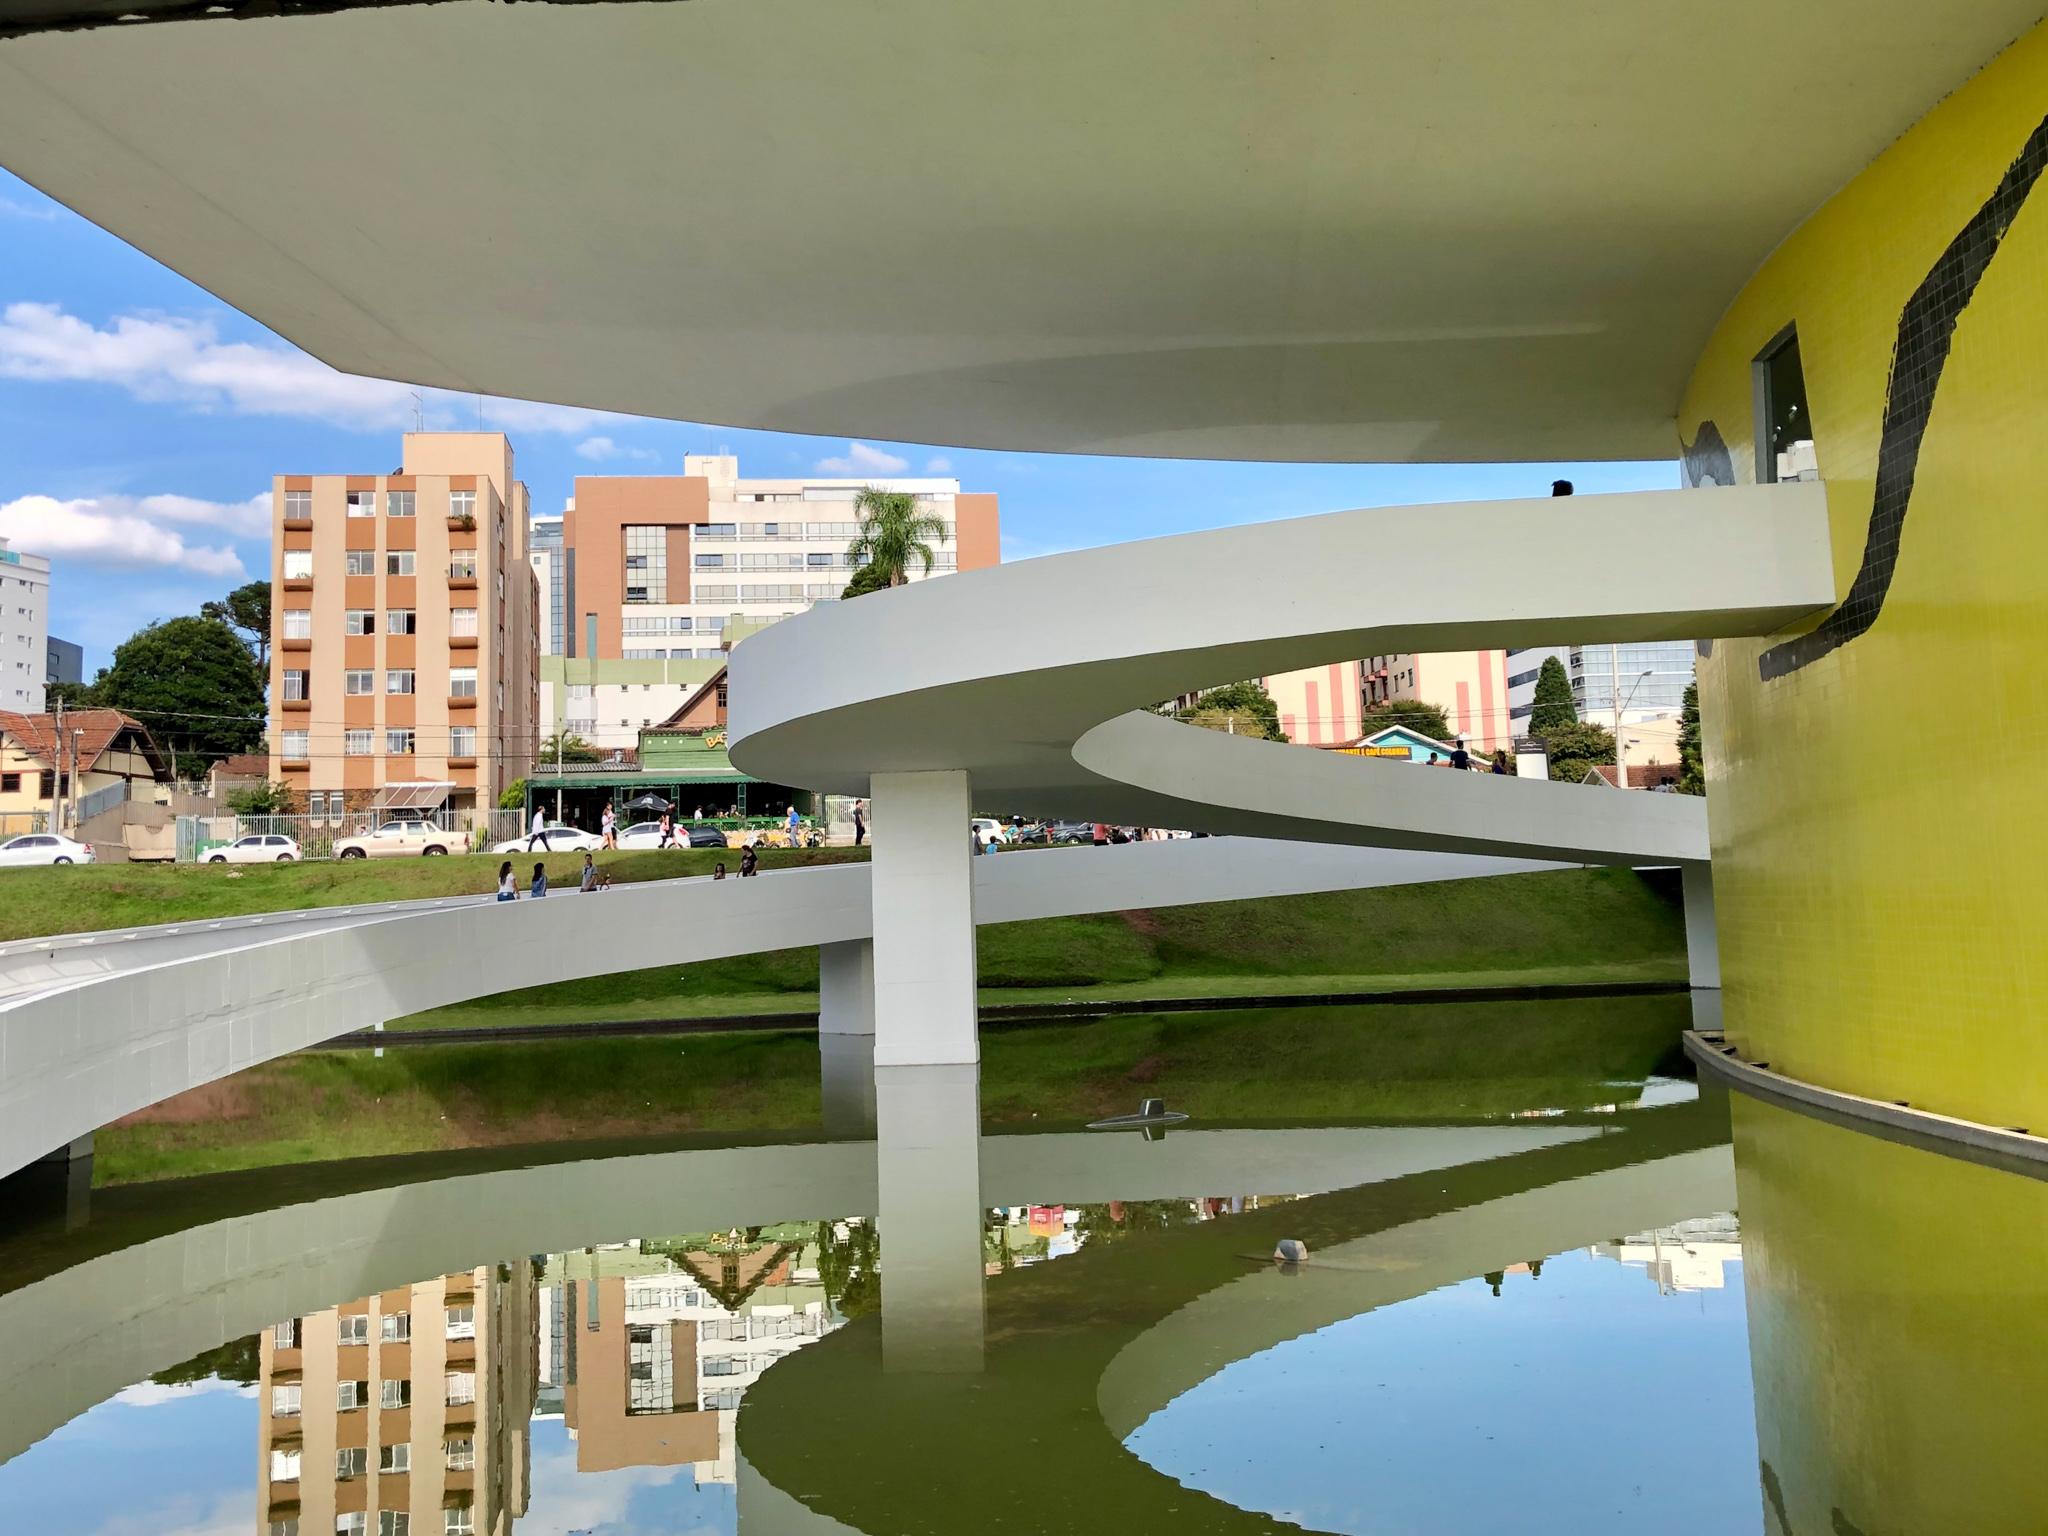 Building in Brazil